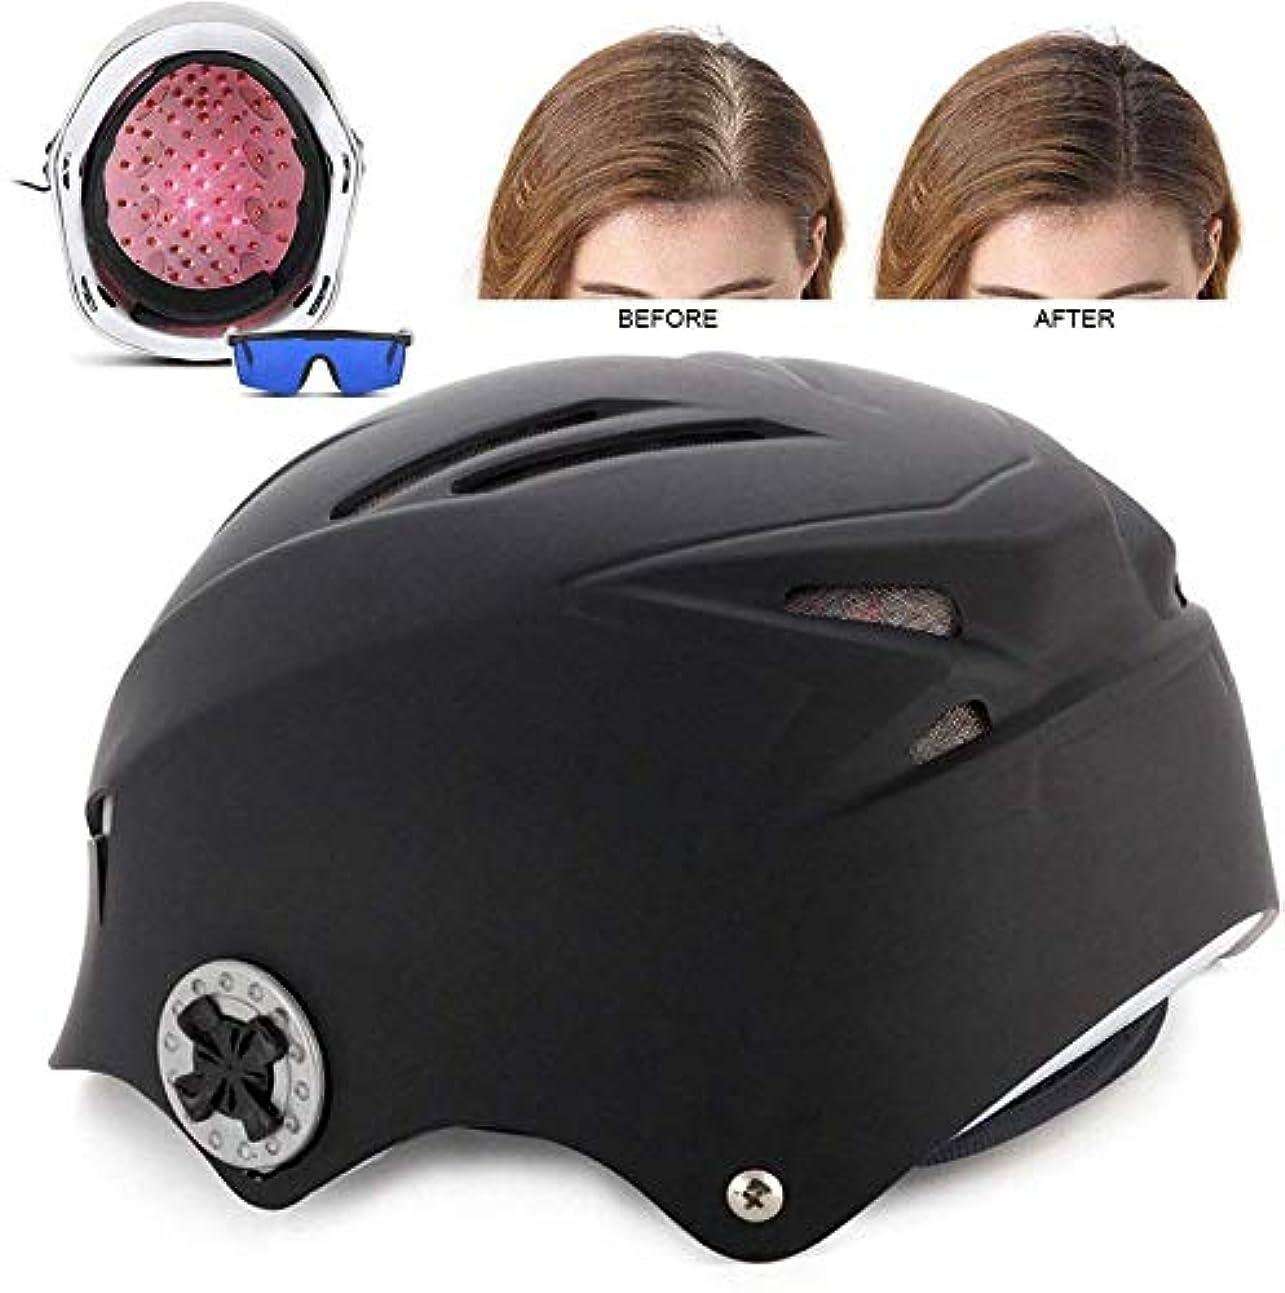 国家信じる方向育毛ヘルメット、64ダイオードメディカルグレードの髪の再成長キャップ、抜け毛の問題を解決するための発毛、赤外線治療髪の成長を促進ハット